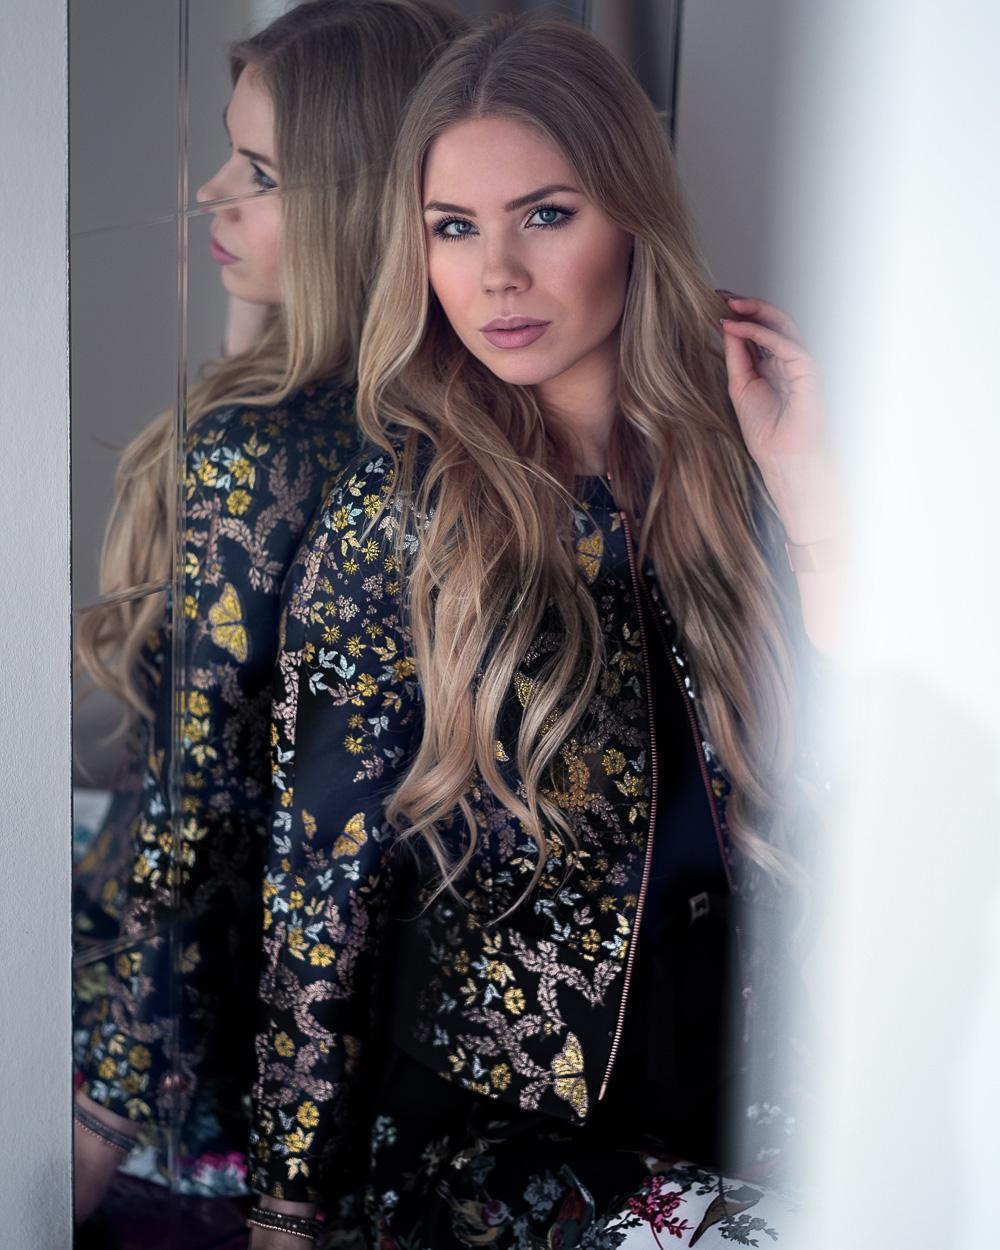 Fashionblogger-Berlin FW 18-Ted Baker Outfit-geblümte Bomber Jacke-schwarzes Kleid-Chanel Tasche